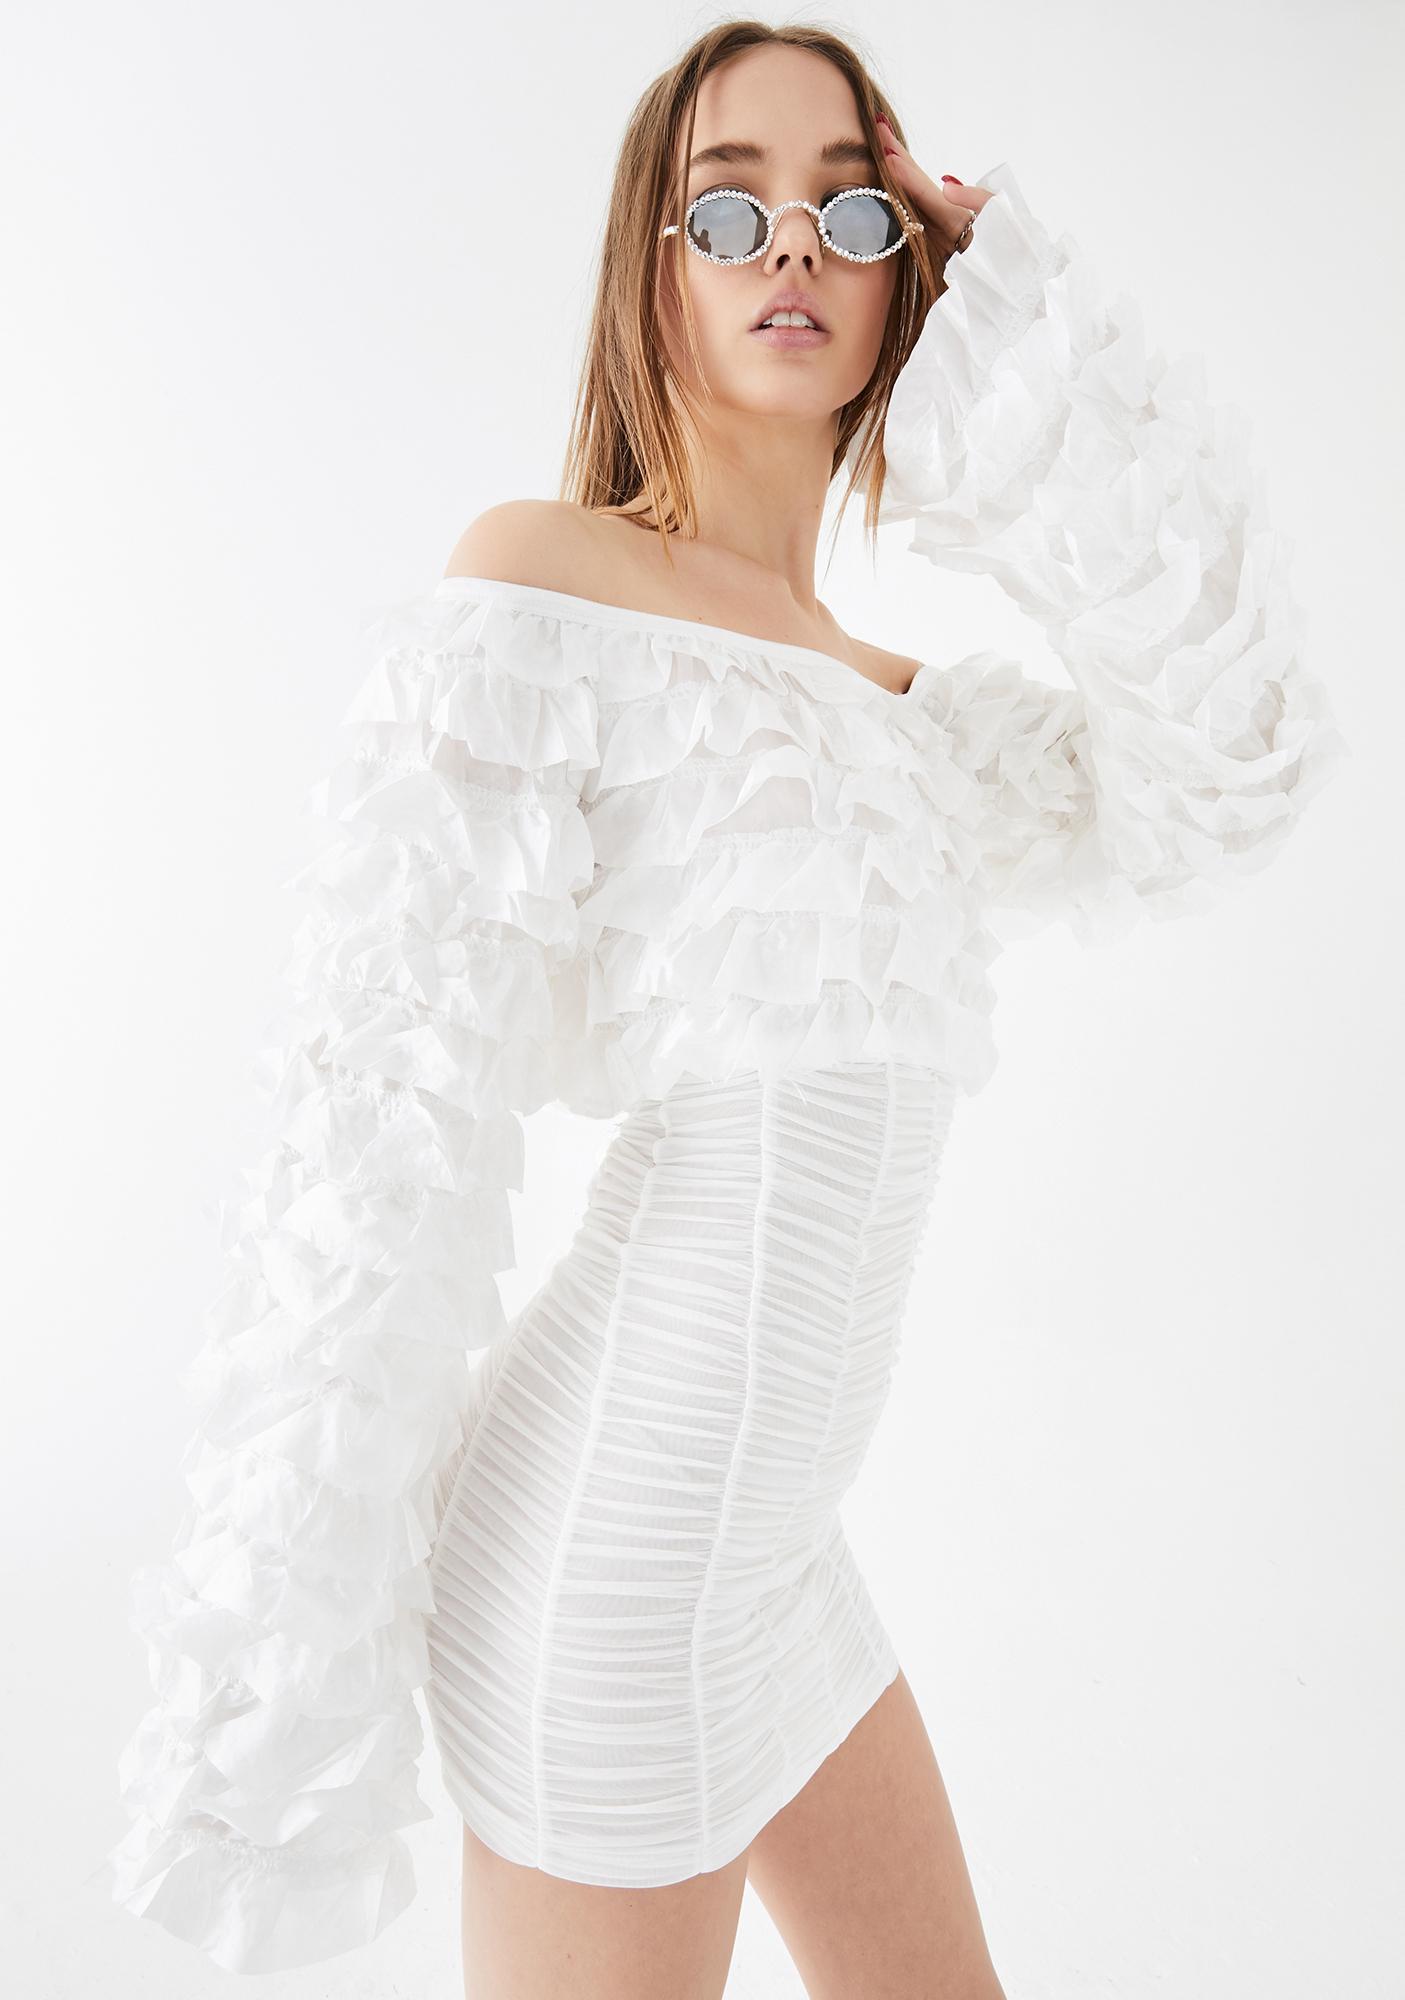 Kiki Riki Pure Sin Ruched Mini Dress